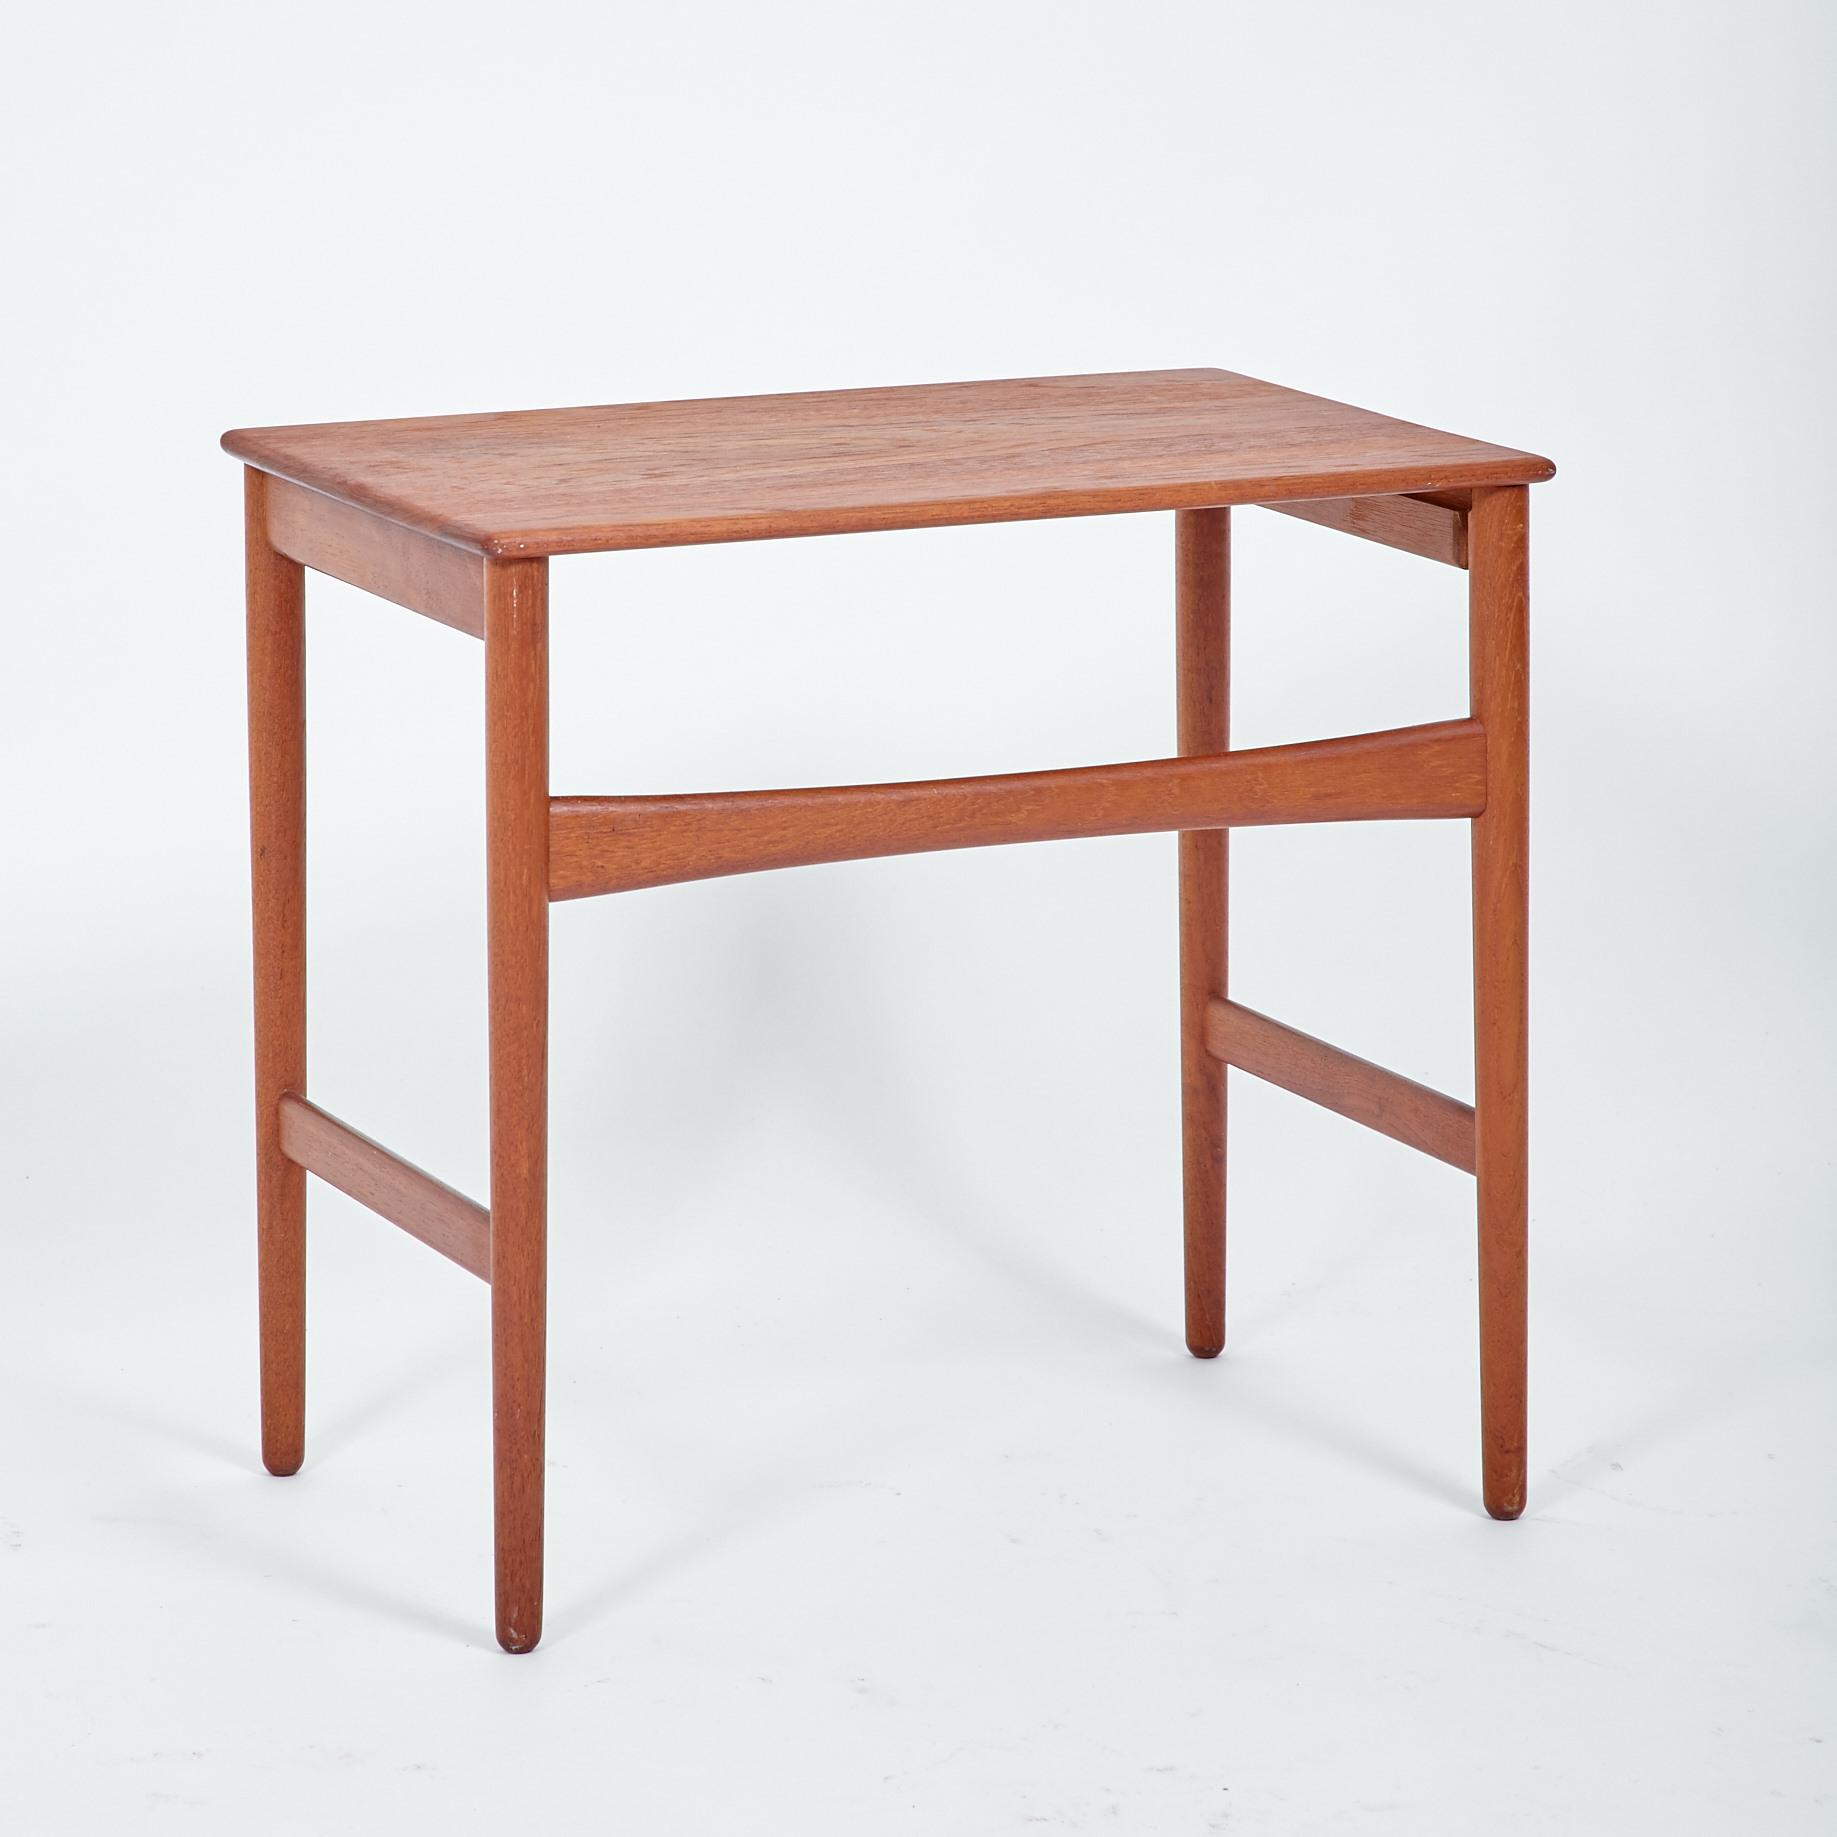 beistelltisch aus teakholz geschliffen und ge lt m bel z rich vintagem bel. Black Bedroom Furniture Sets. Home Design Ideas